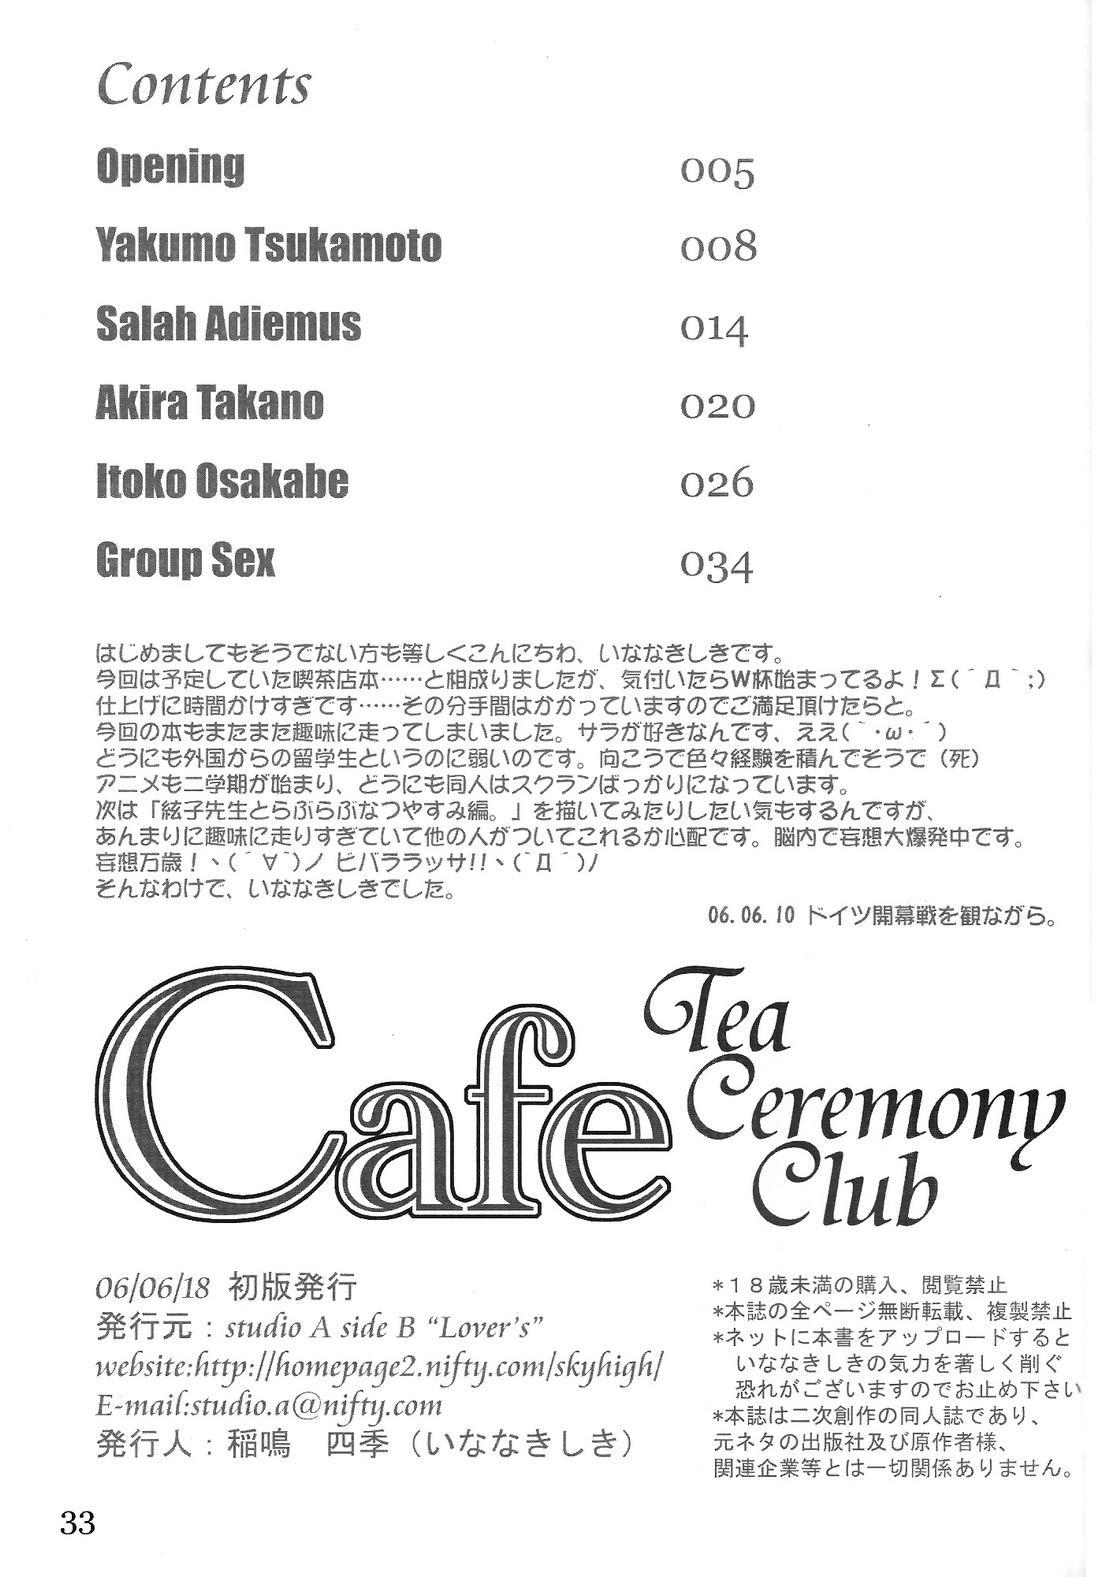 Cafe Tea Ceremony Club 31